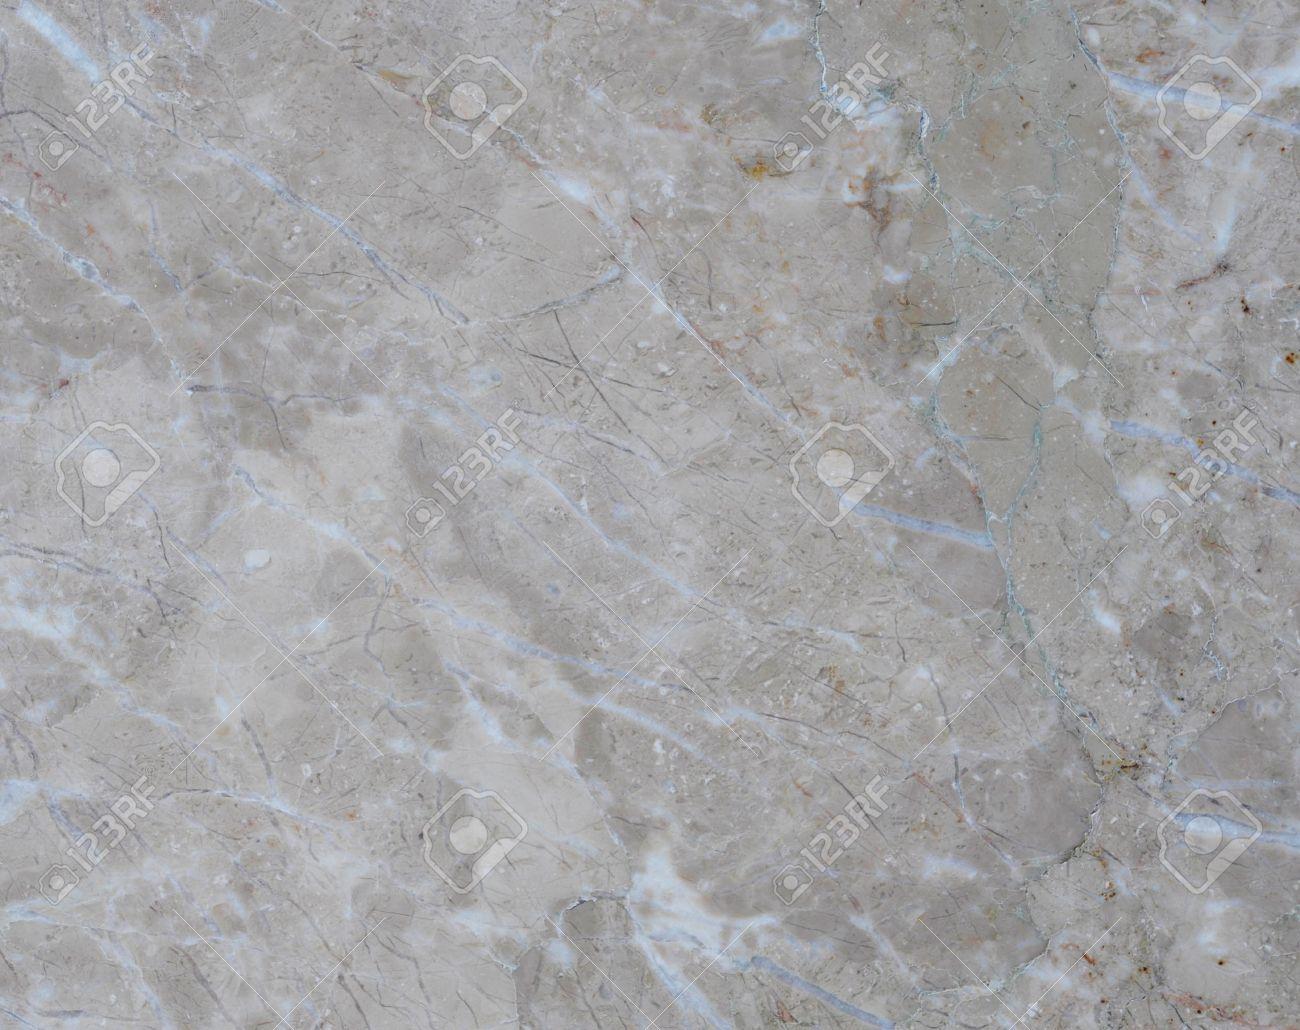 textura de la superficie de mrmol gris de fondo foto de archivo 10883714